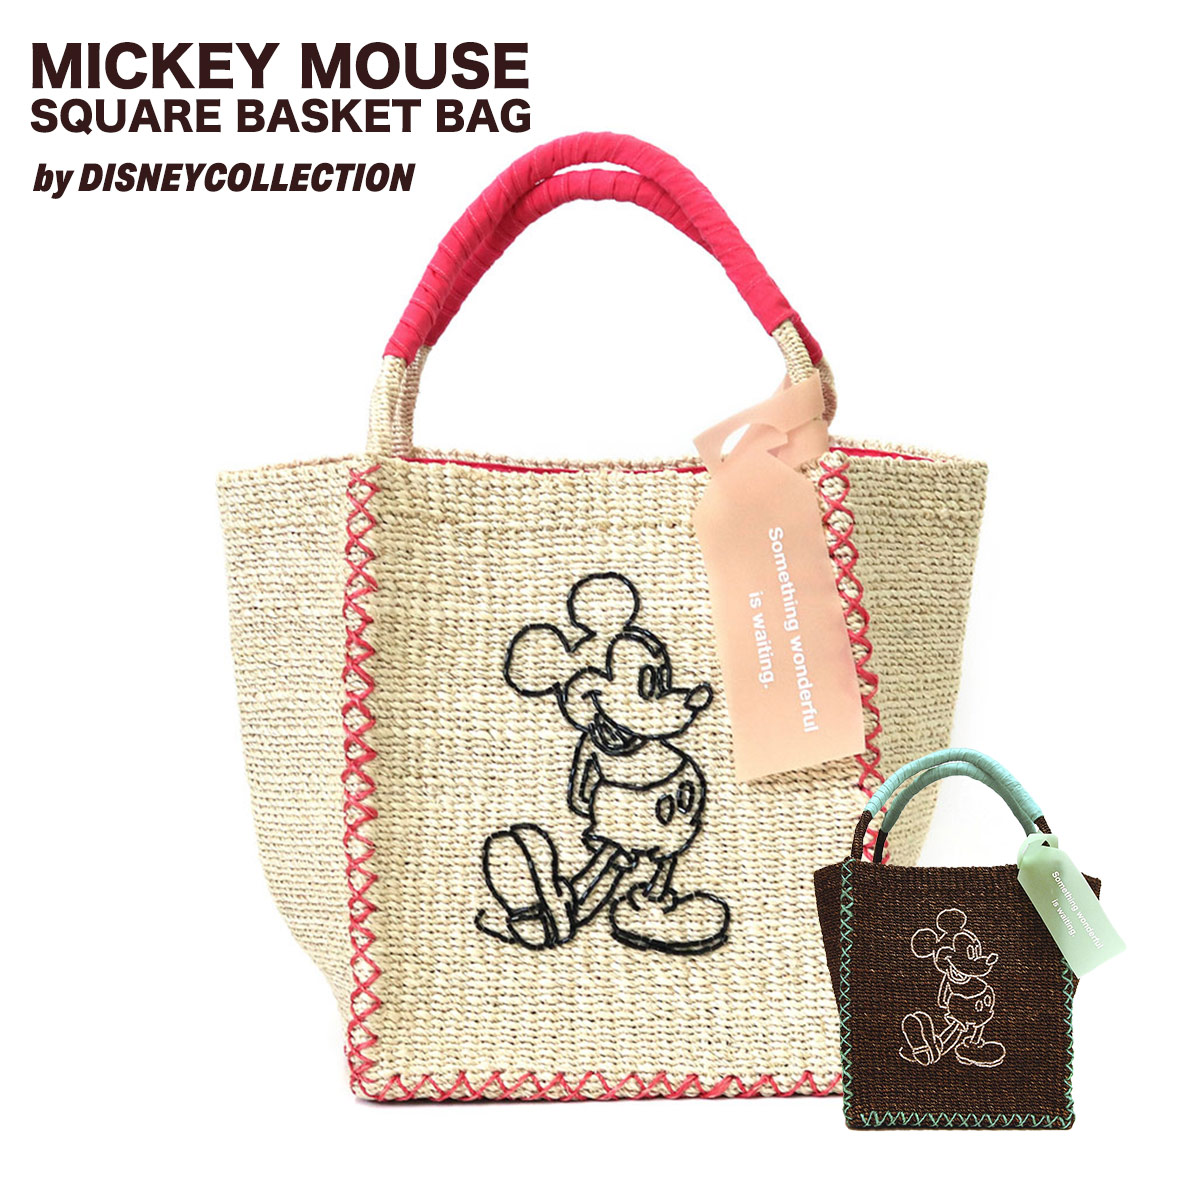 カゴバッグ かごバッグ レディース ディズニー Disney スクエアカゴバッグ マザーズバッグ トートバッグ バッグ bag カバン 鞄 大きい アバカ ビーズ サイズ バスケット アコモデ 送料無料